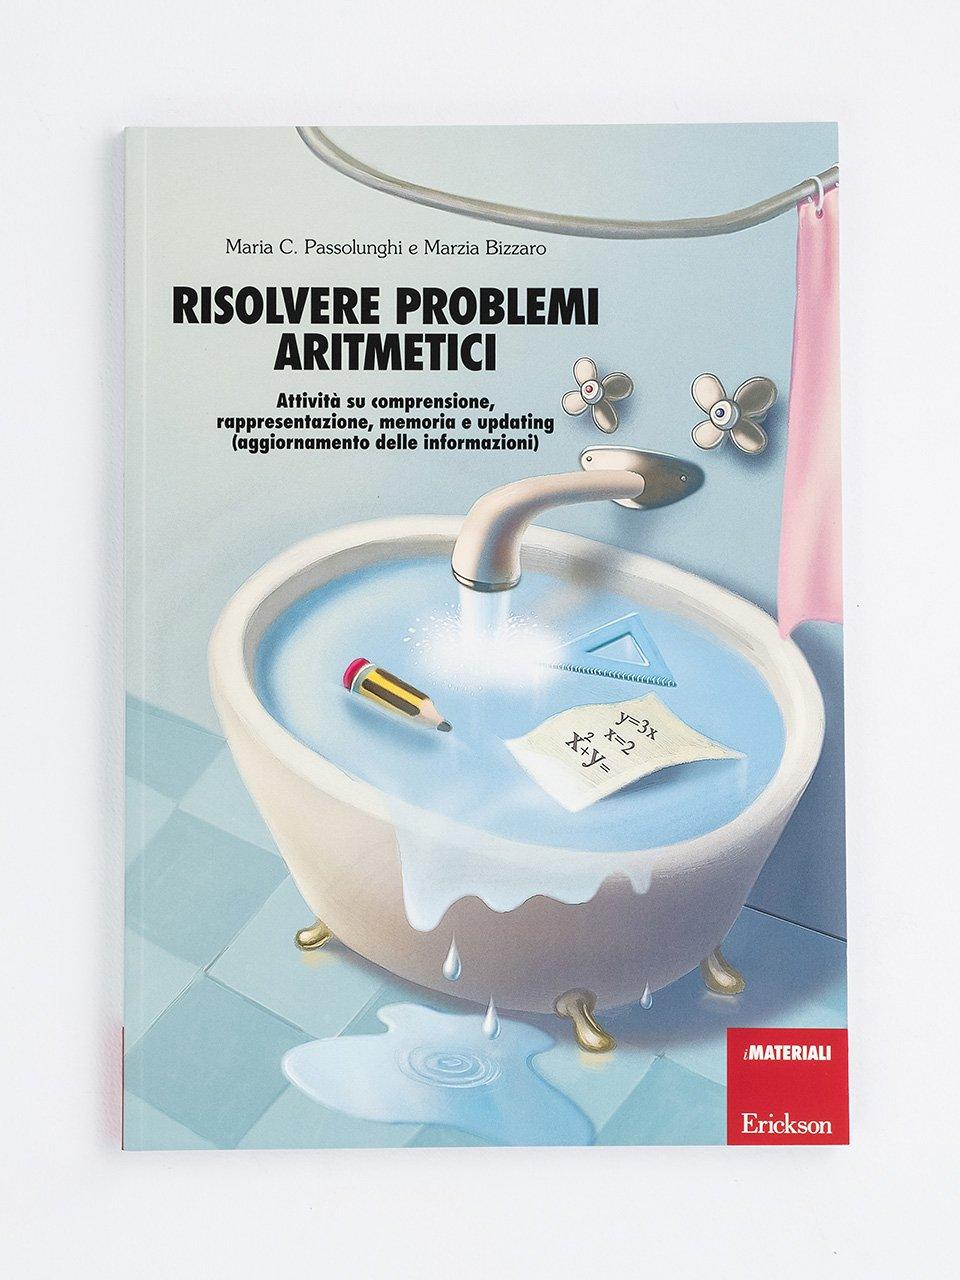 Risolvere problemi aritmetici - IperMAPPE 2 - App e software - Erickson